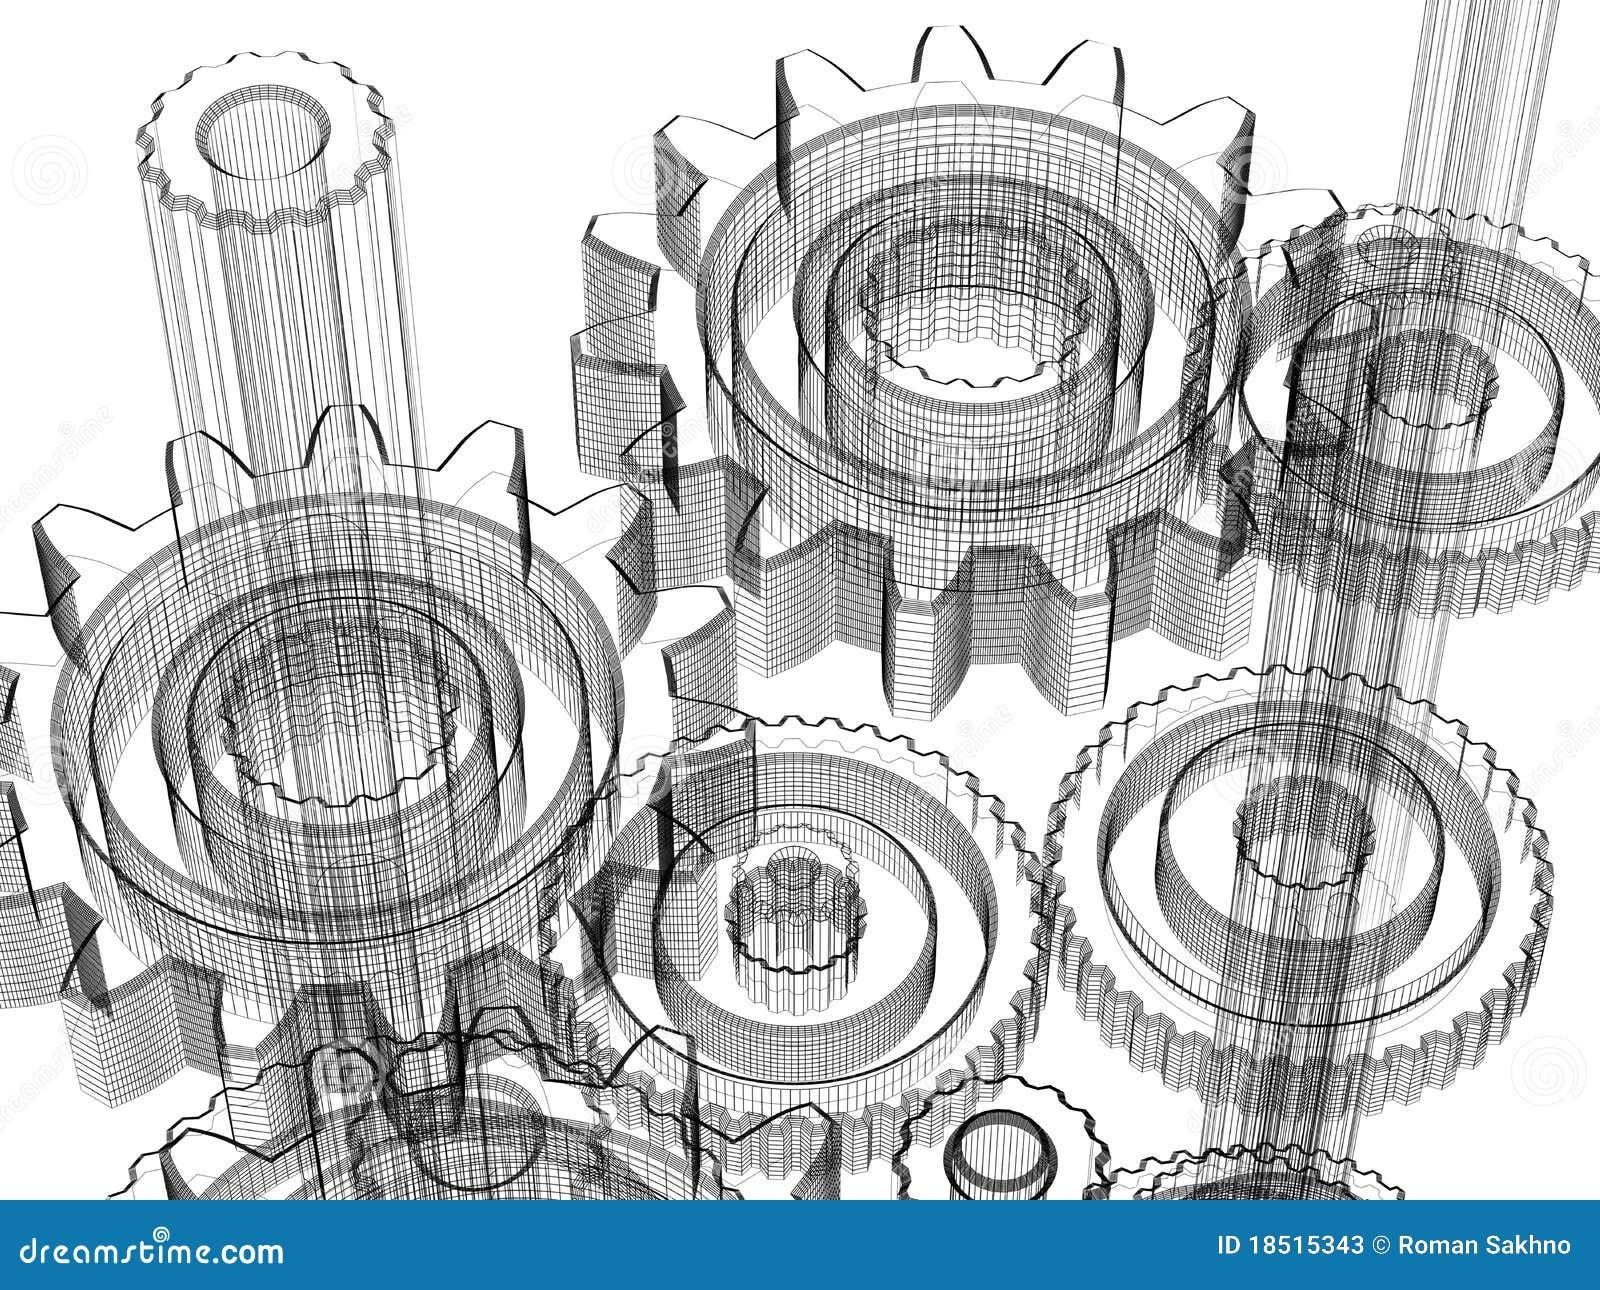 Engranajes concepto de dise o industrial fotos de for Arquitectura o diseno industrial